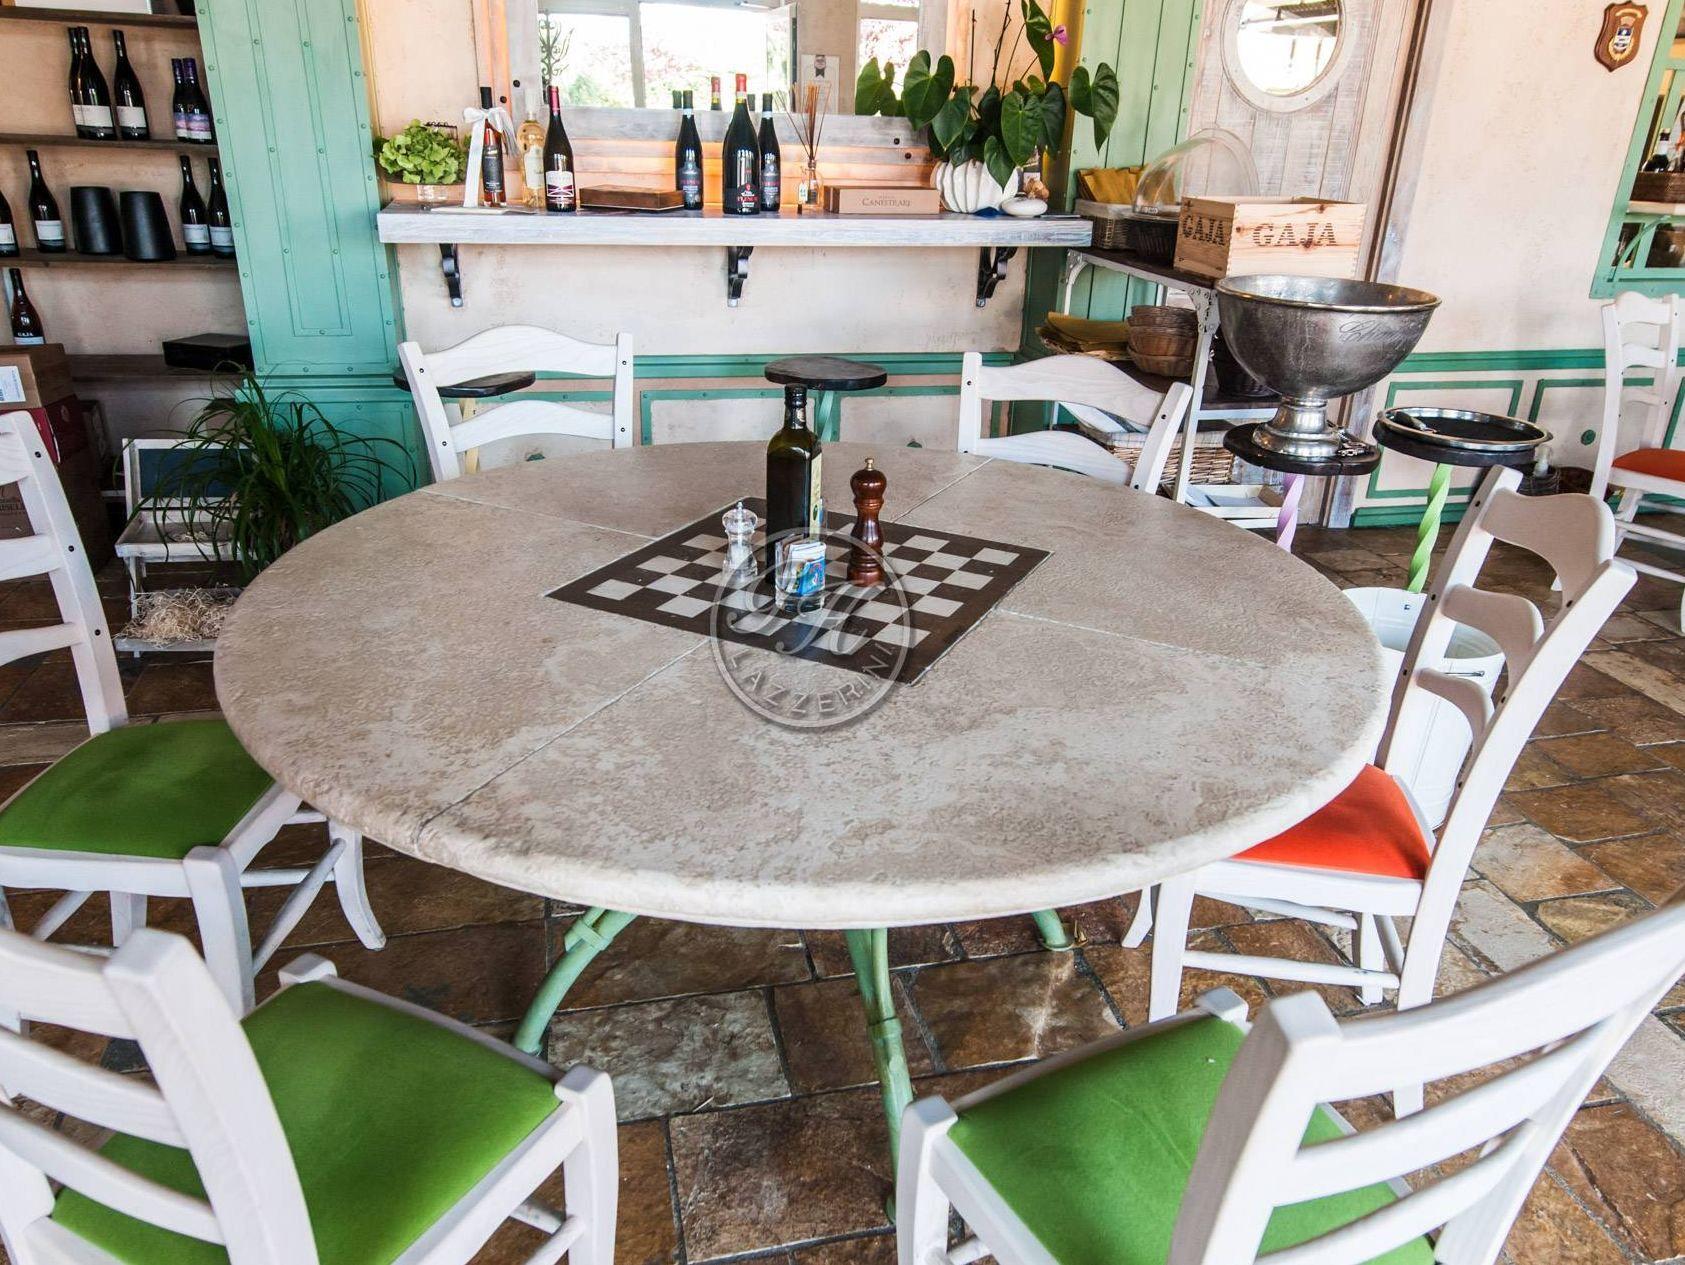 Tavoli Da Giardino In Pietra 3 Il Tavolo Rotondo Regina Soluzione Pictures to...